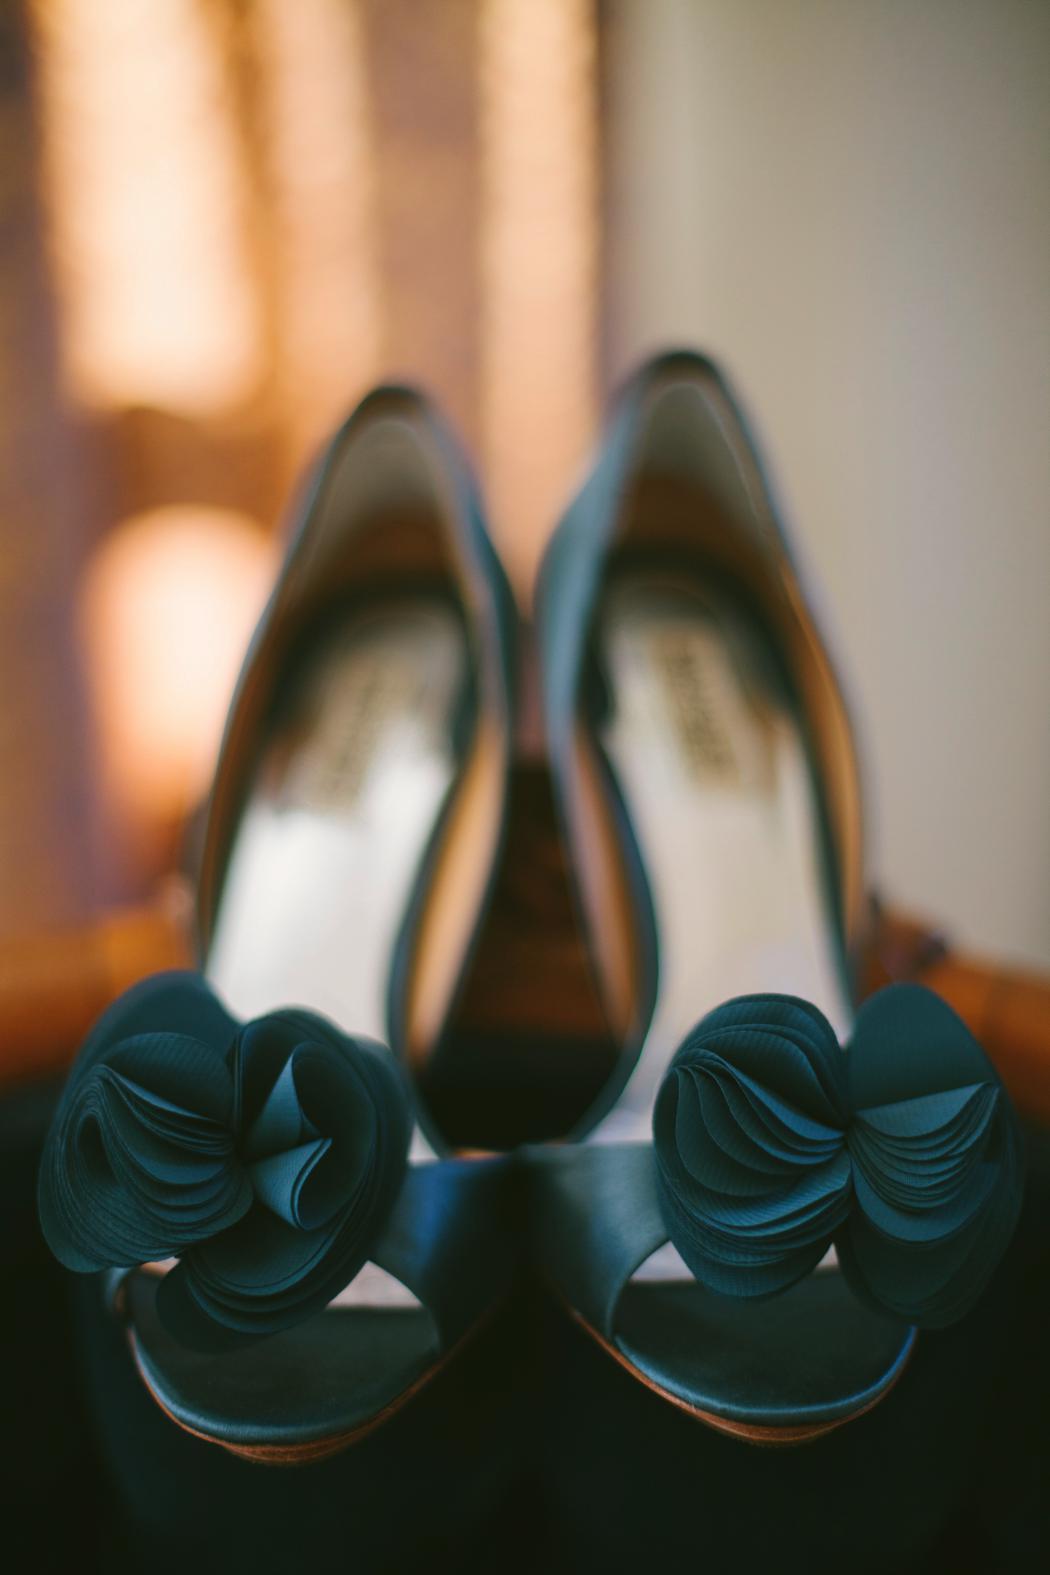 Škandinávska svadba - Obrázok č. 6